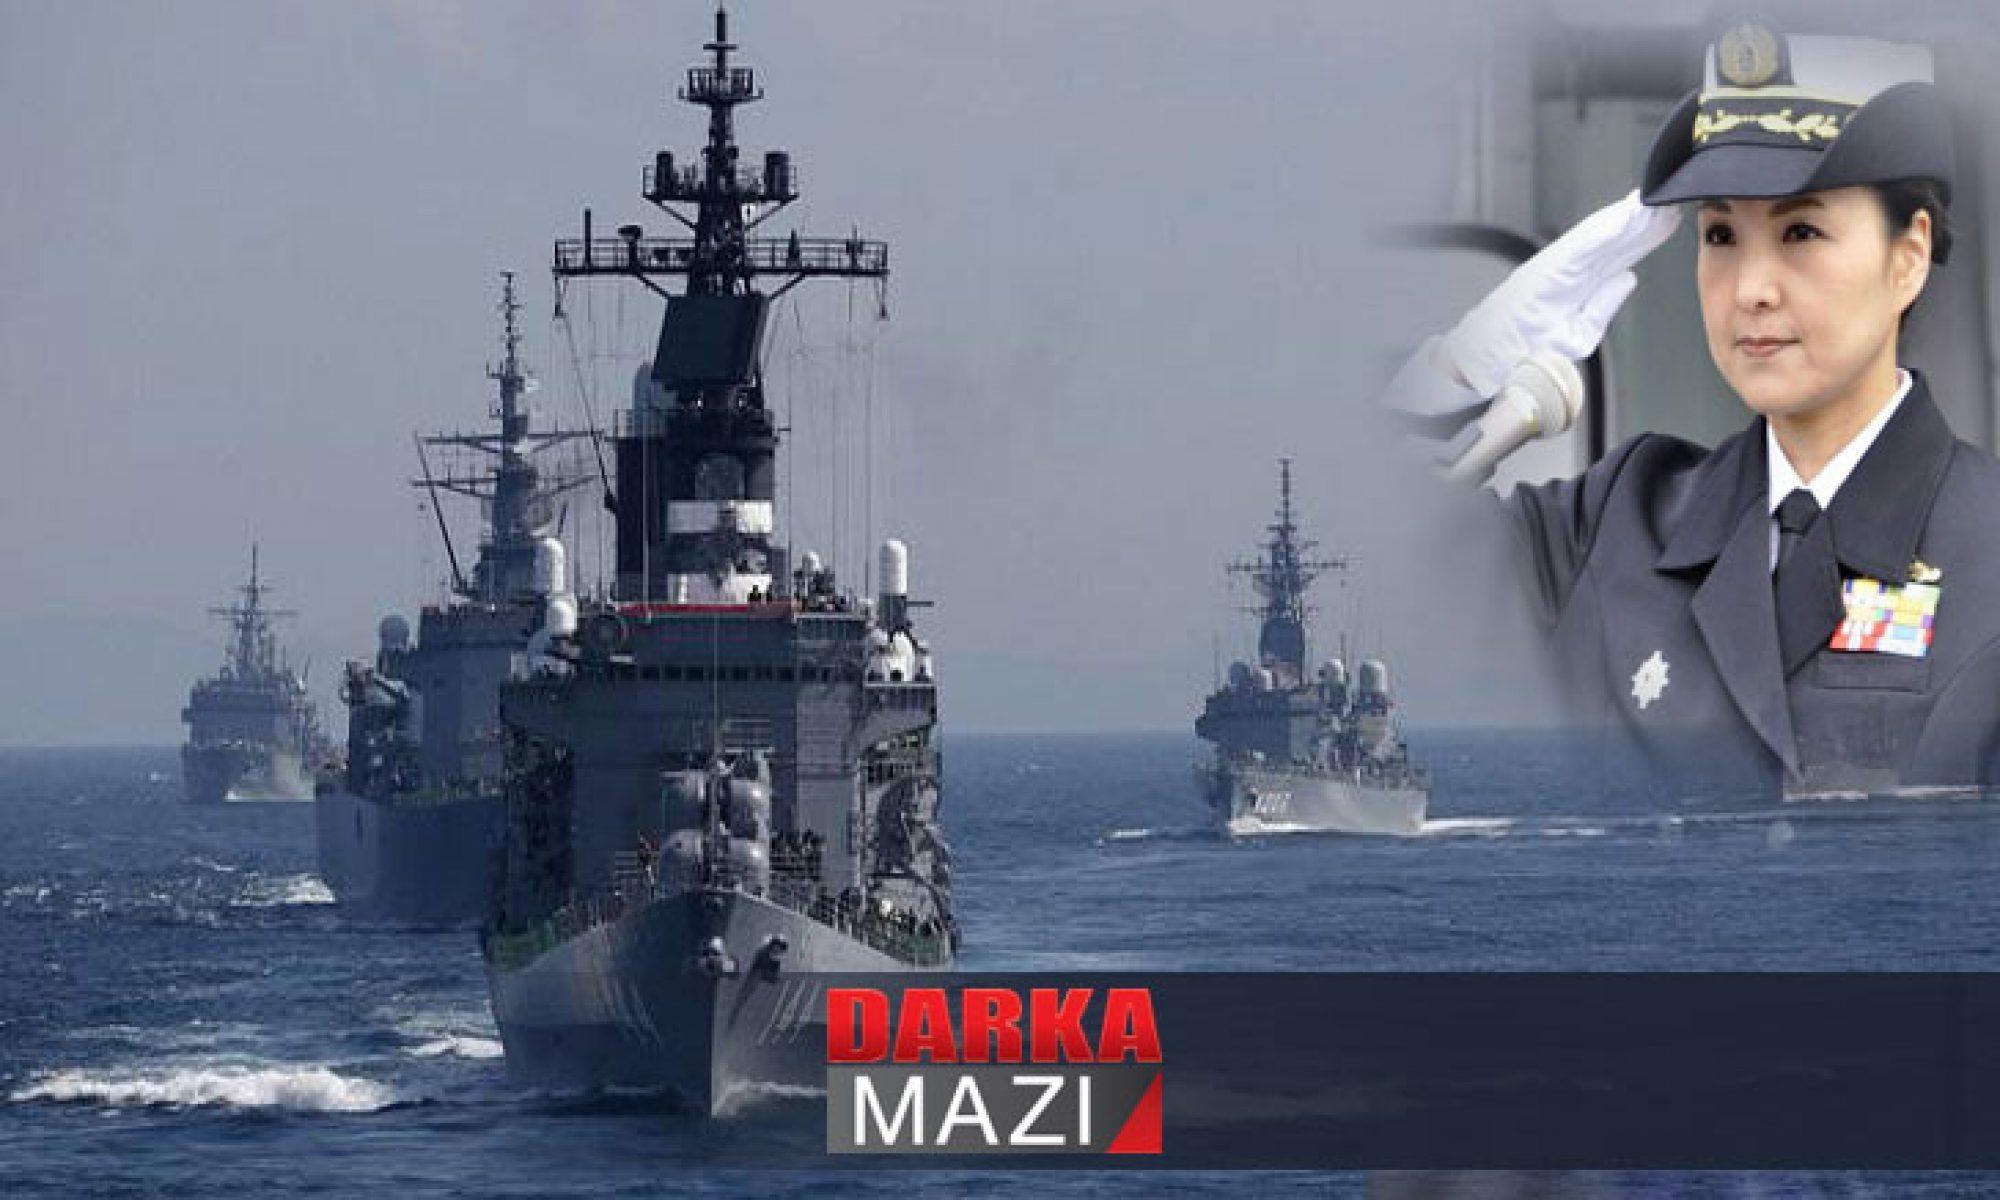 Savaş gemisinde bir kadın komutan